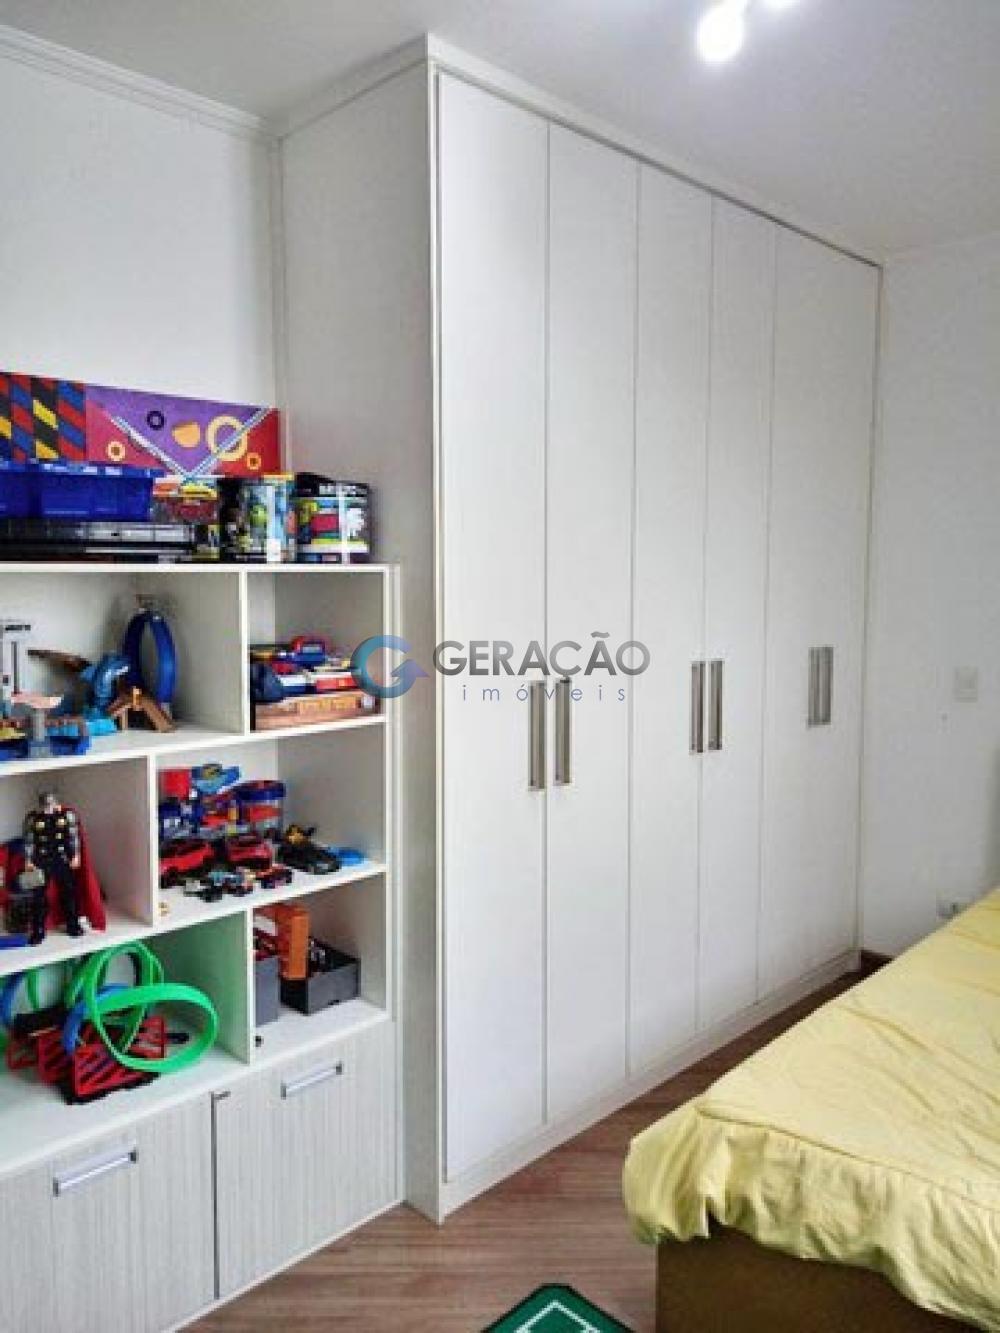 Comprar Apartamento / Padrão em São José dos Campos R$ 580.000,00 - Foto 16